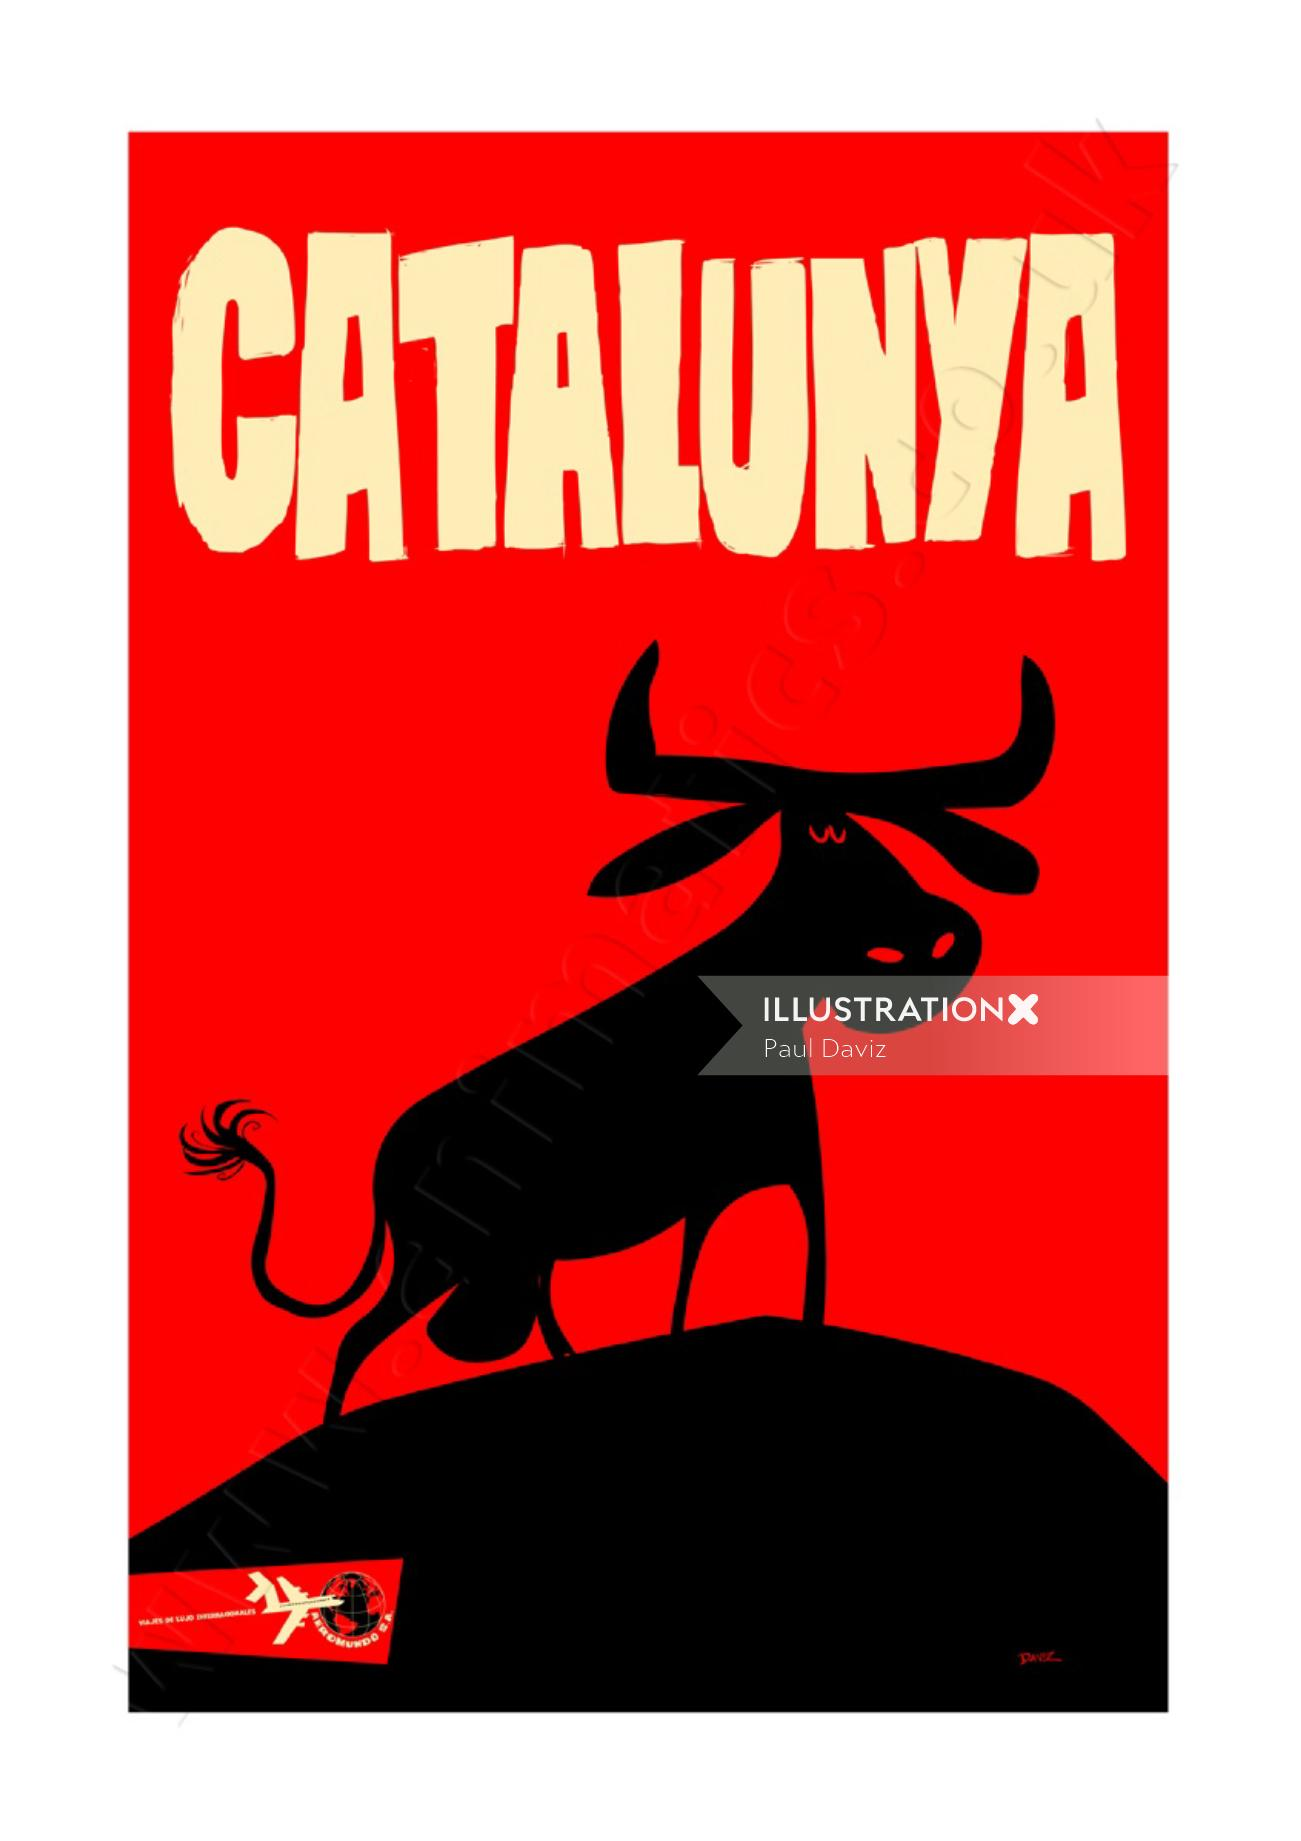 Catalonia Travel Poster AeroMundo